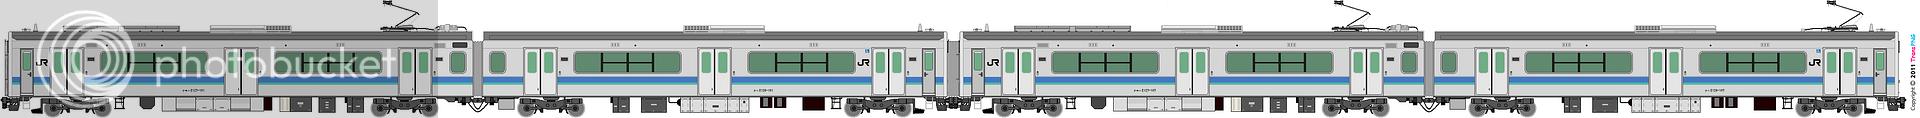 鐵路列車 2272